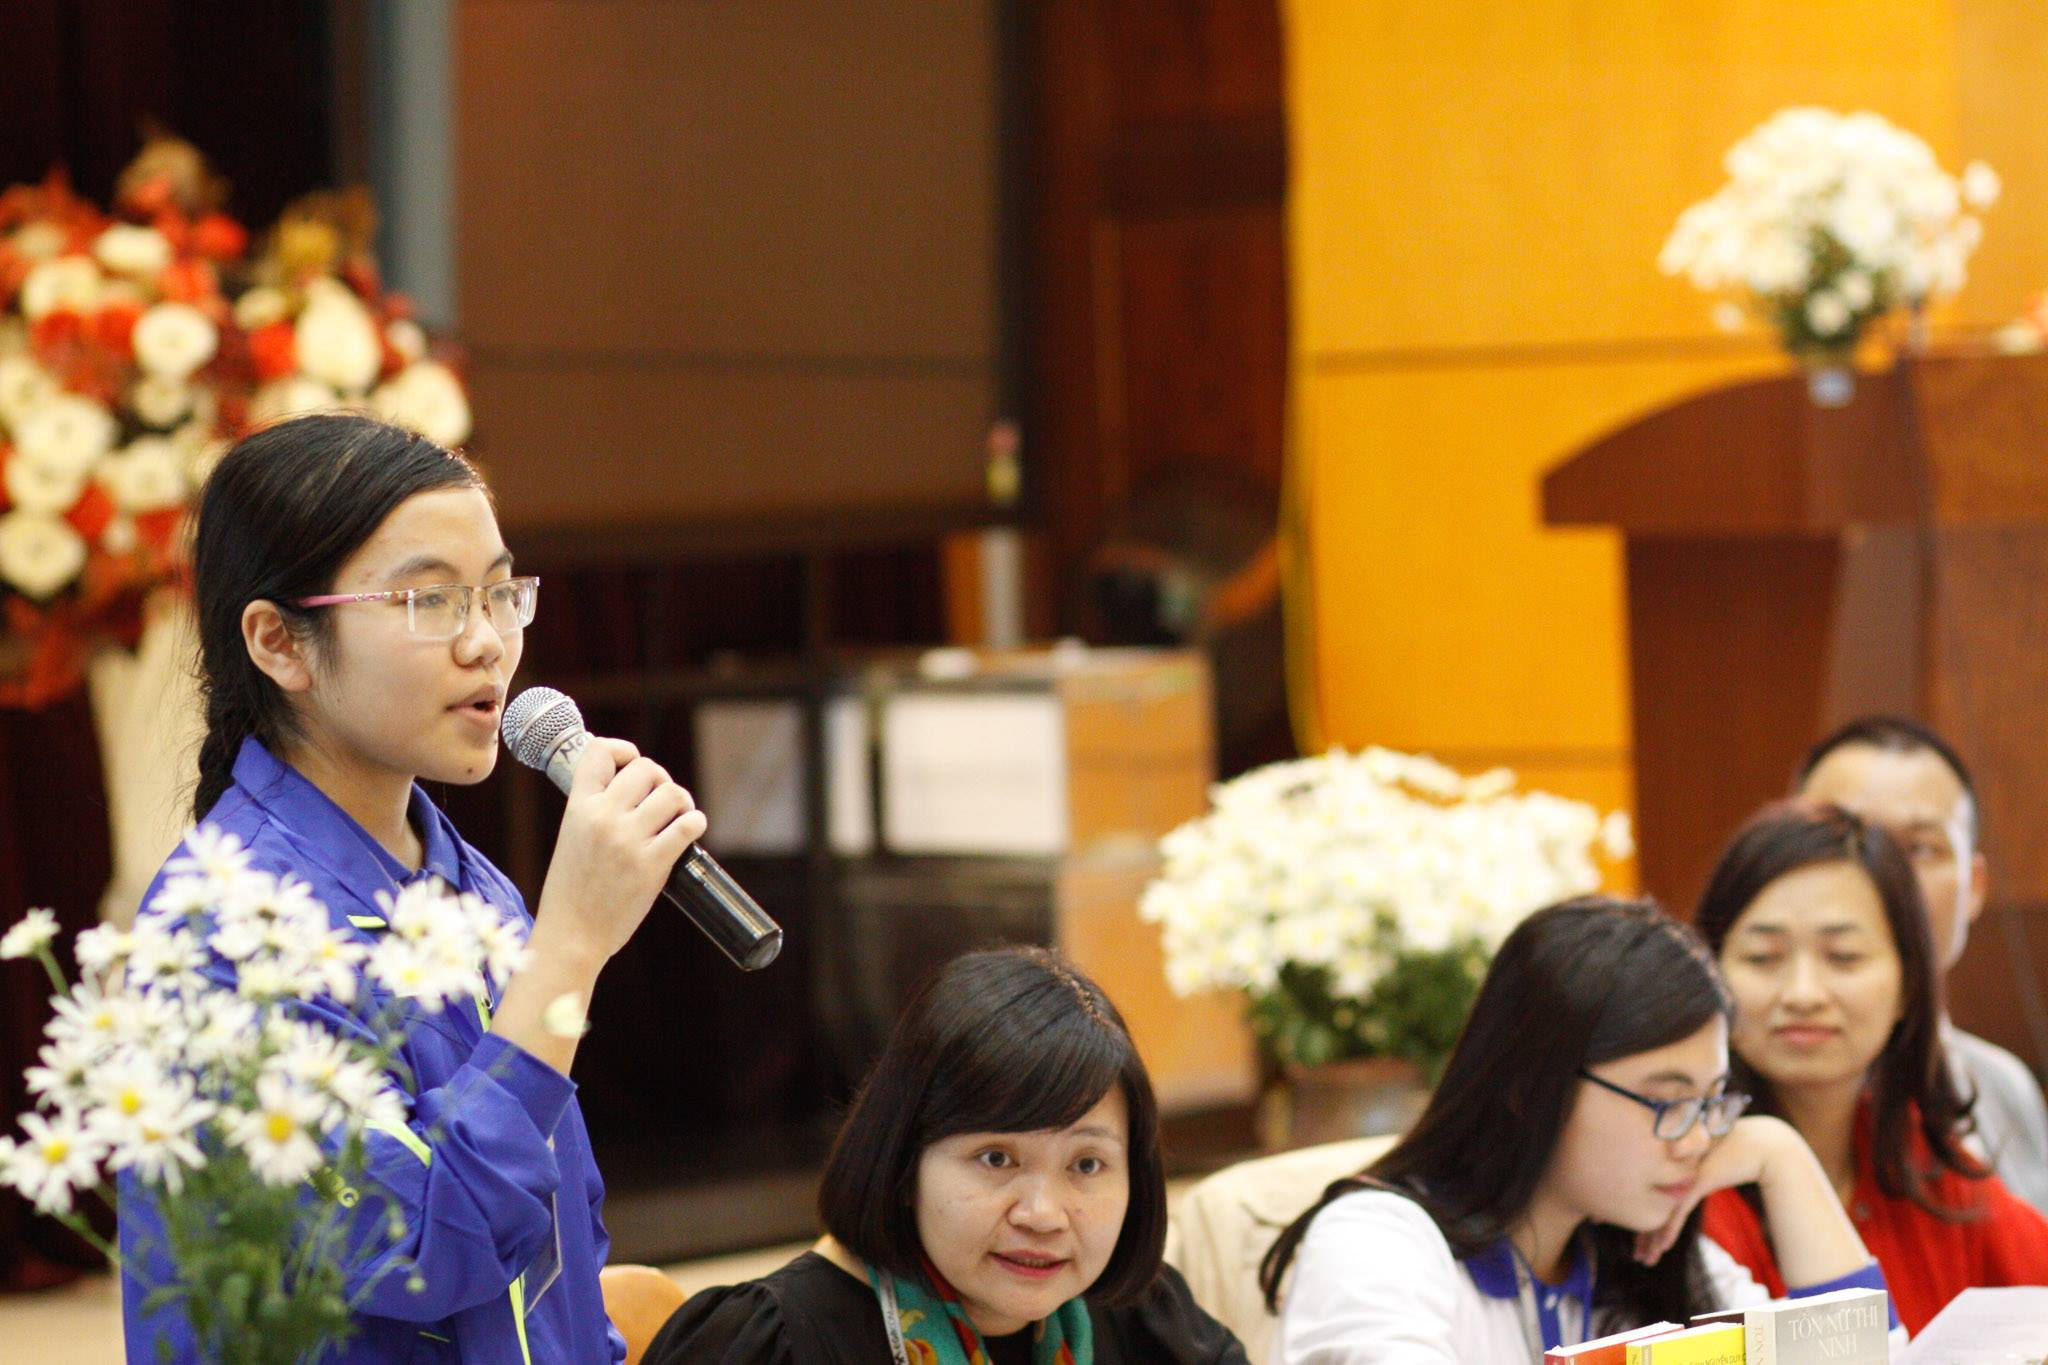 Cô gái vàng Vật lý lớn lên từ gánh phở trở thành nữ sinh duy nhất đạt gương mặt trẻ Việt Nam tiêu biểu - Ảnh 5.